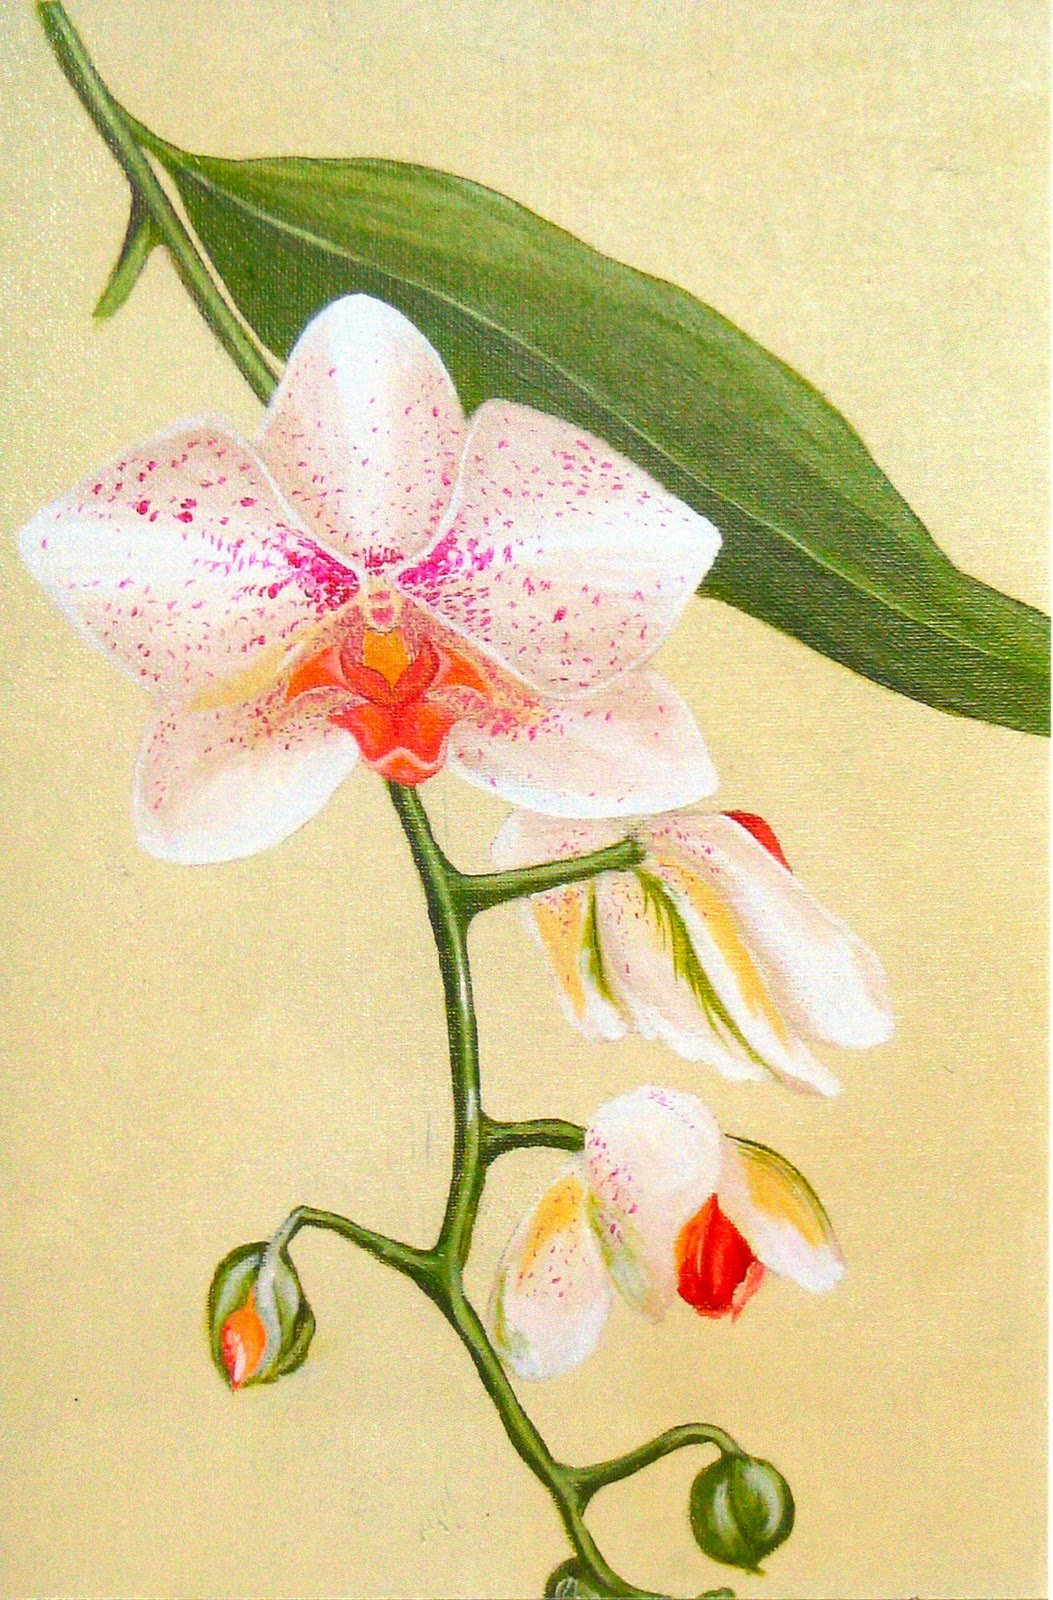 дело, орхидеи картинки на бумаге представляет собой комплекс